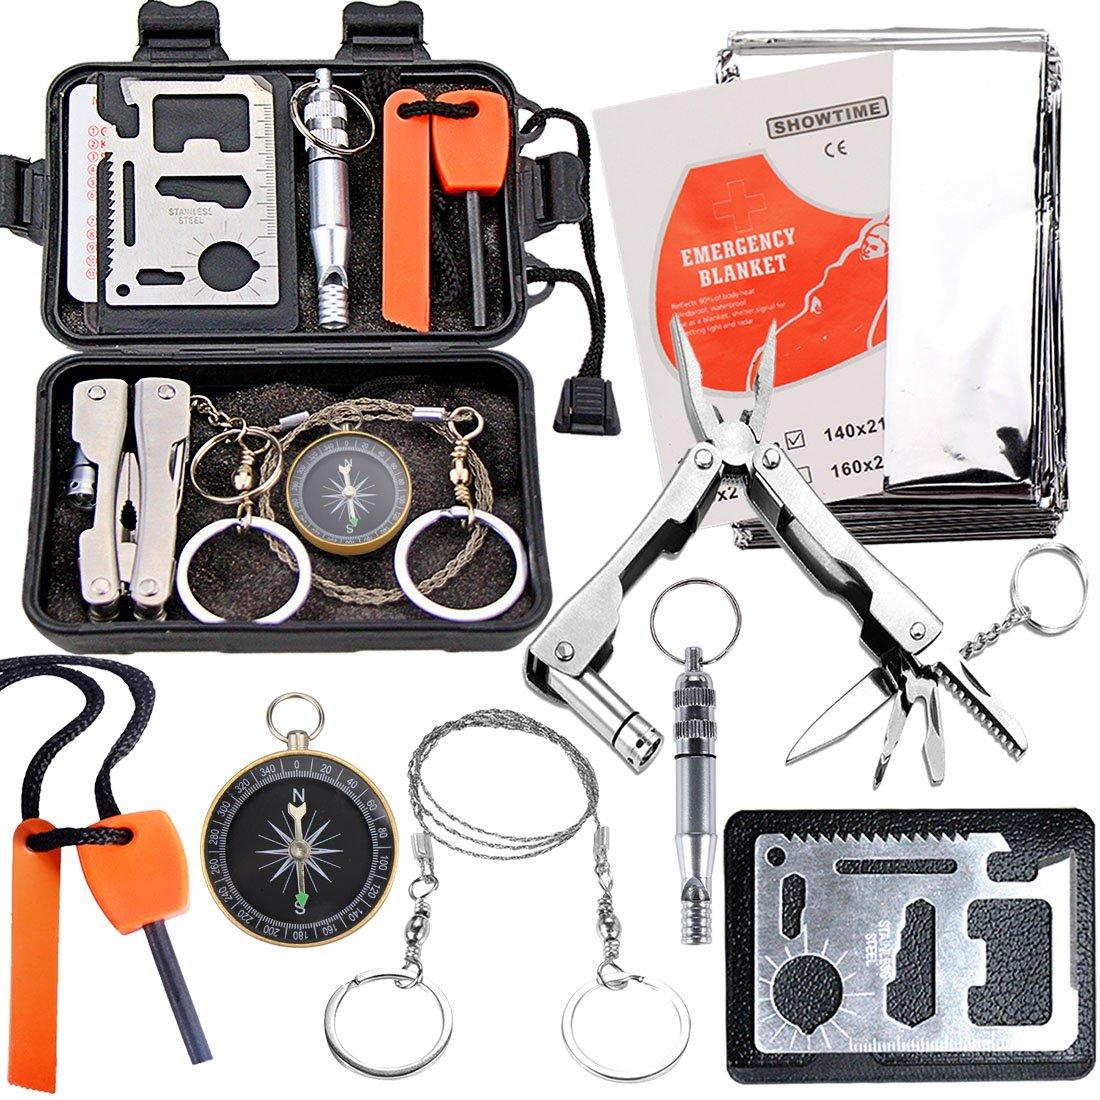 EMDMAK Survival Kit Outdoor Emergency Gear Kit for Camping Hiking Travelling or Adventures (Black) by EMDMAK